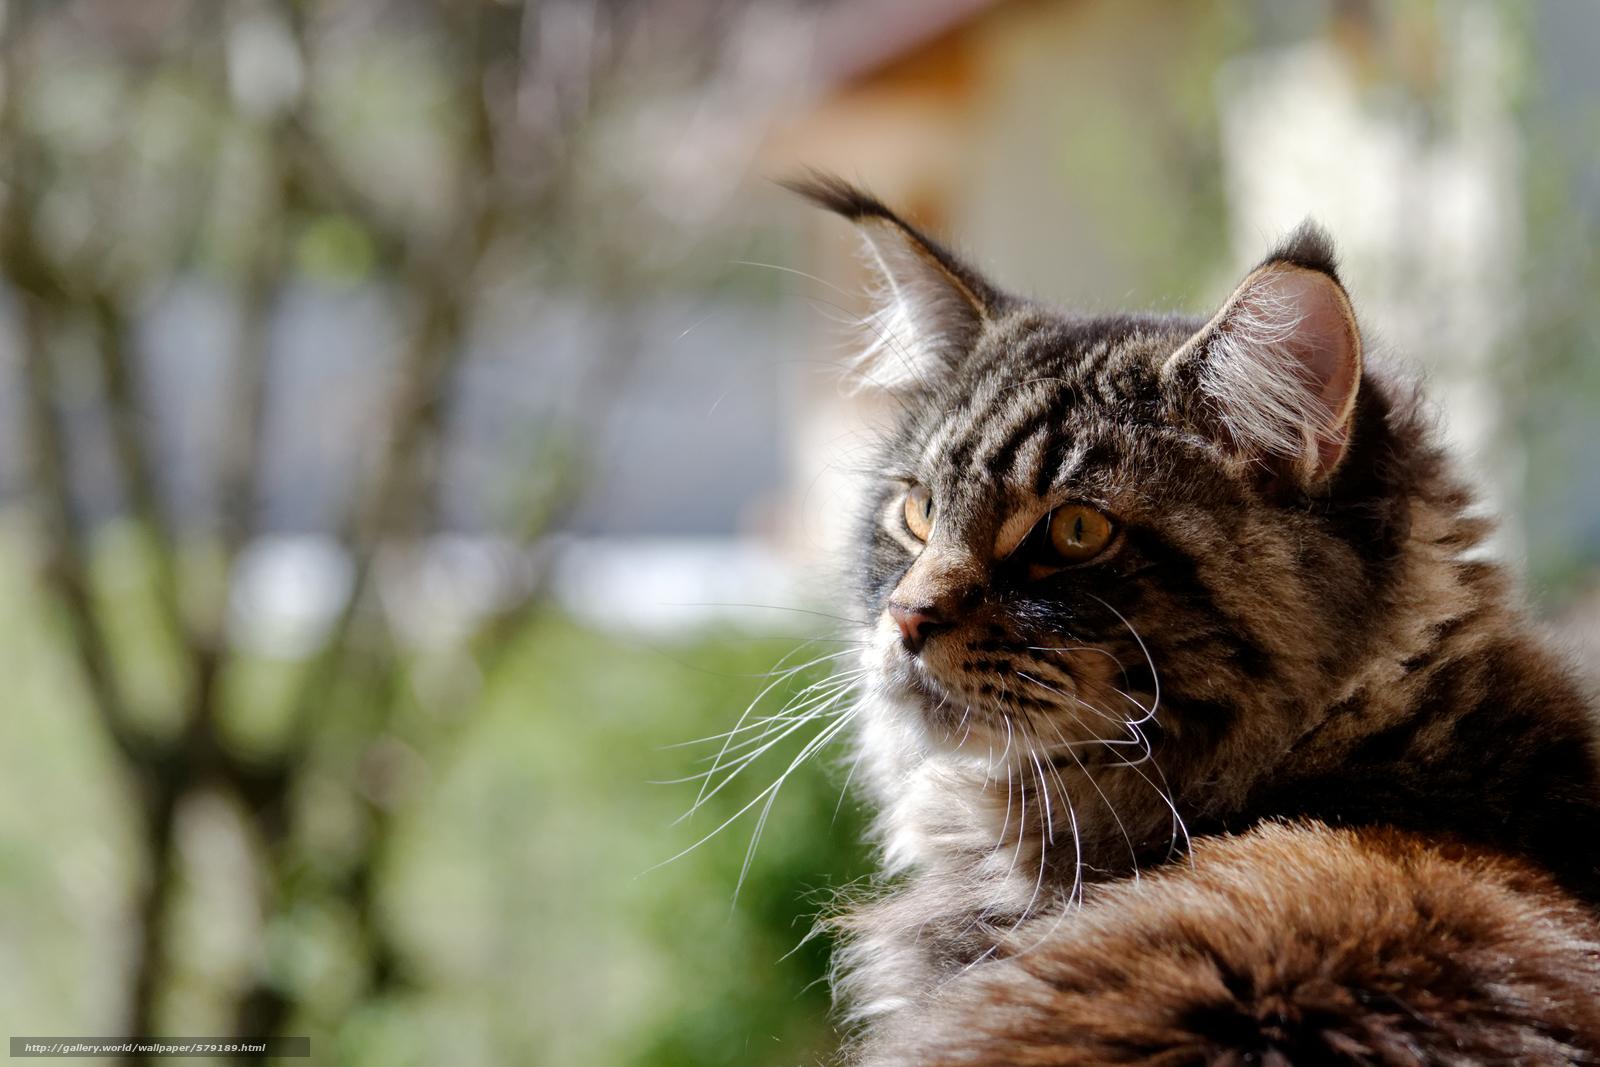 壁紙をダウンロード フルスクリーン,  メインクーン,  背景,  猫 デスクトップの解像度のための無料壁紙 4608x3072 — 絵 №579189